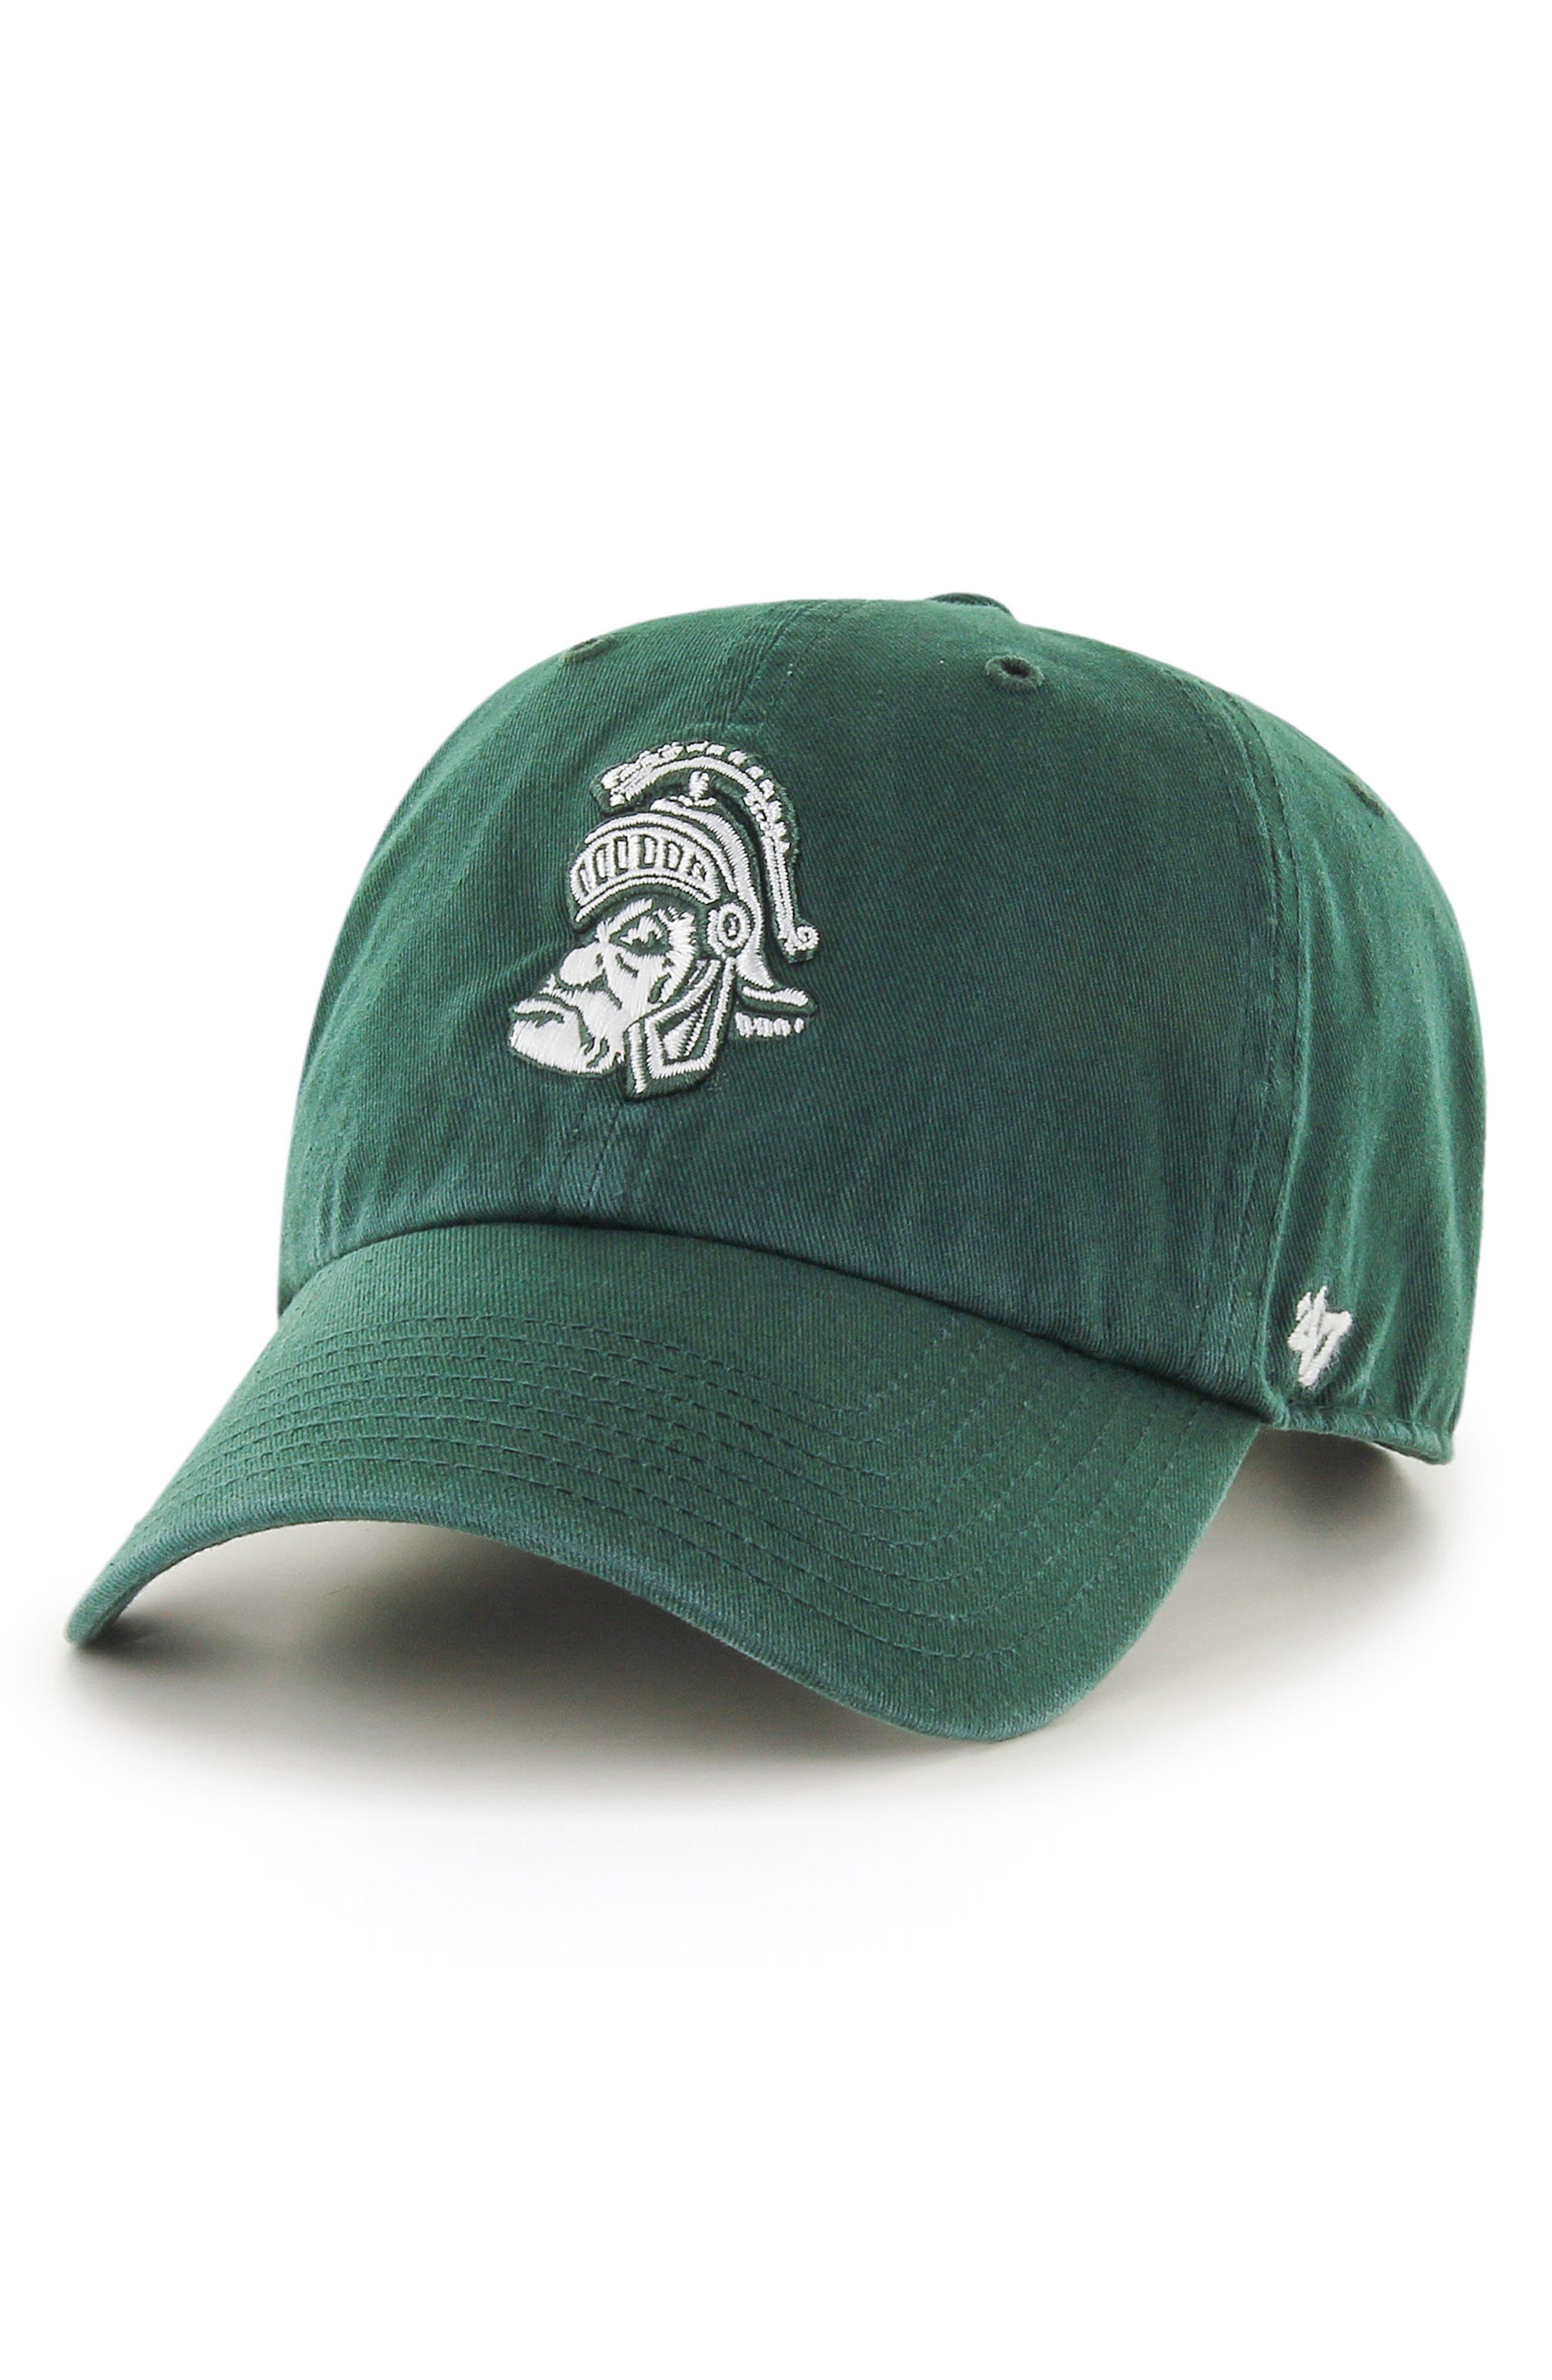 47 Brand Collegiate Clean Up Michigan State Spartans Ball Cap